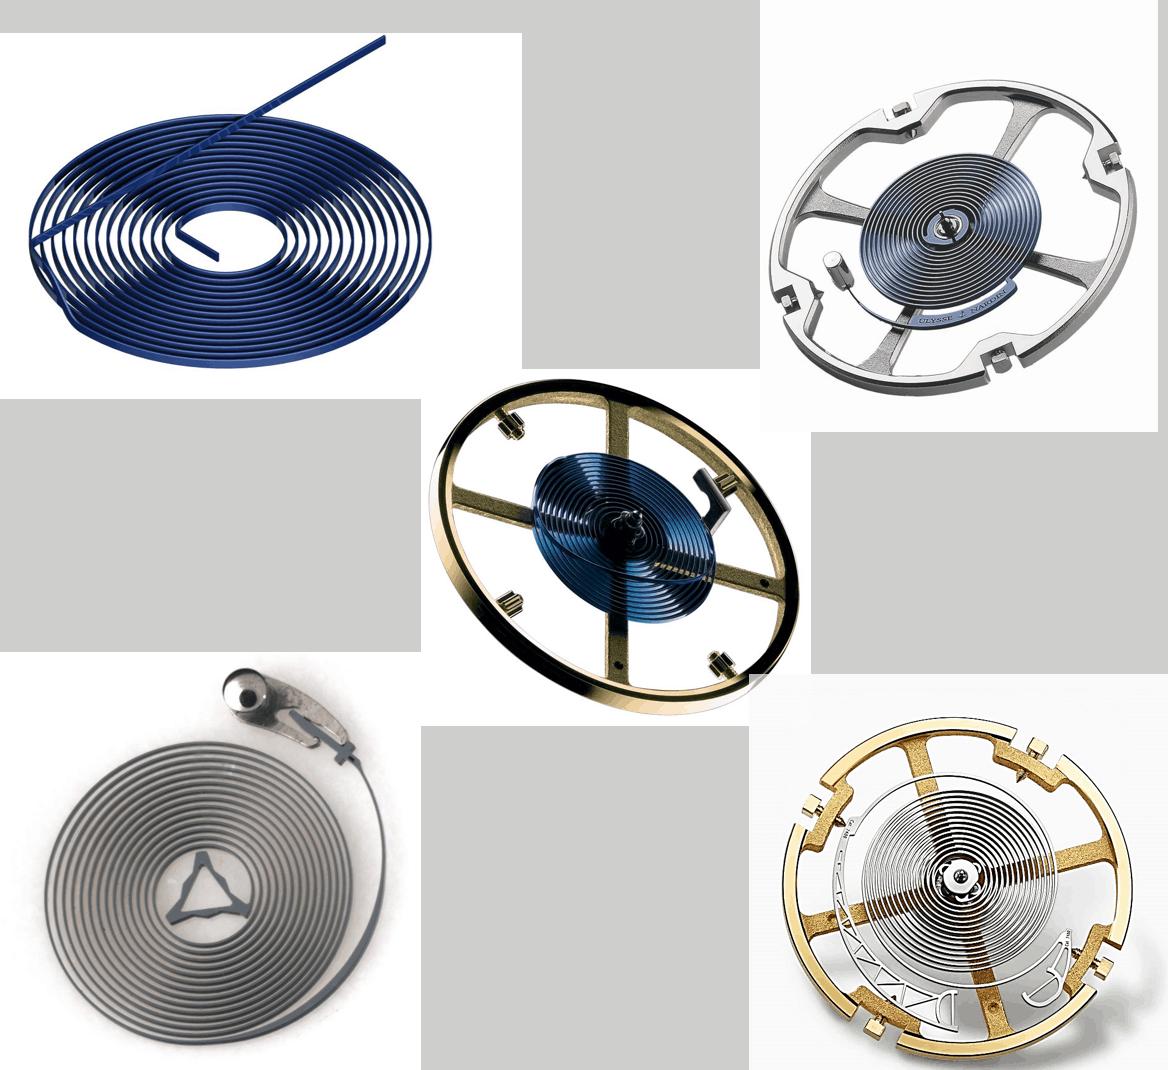 Spiralen und Breguetspiralen in moderner Form